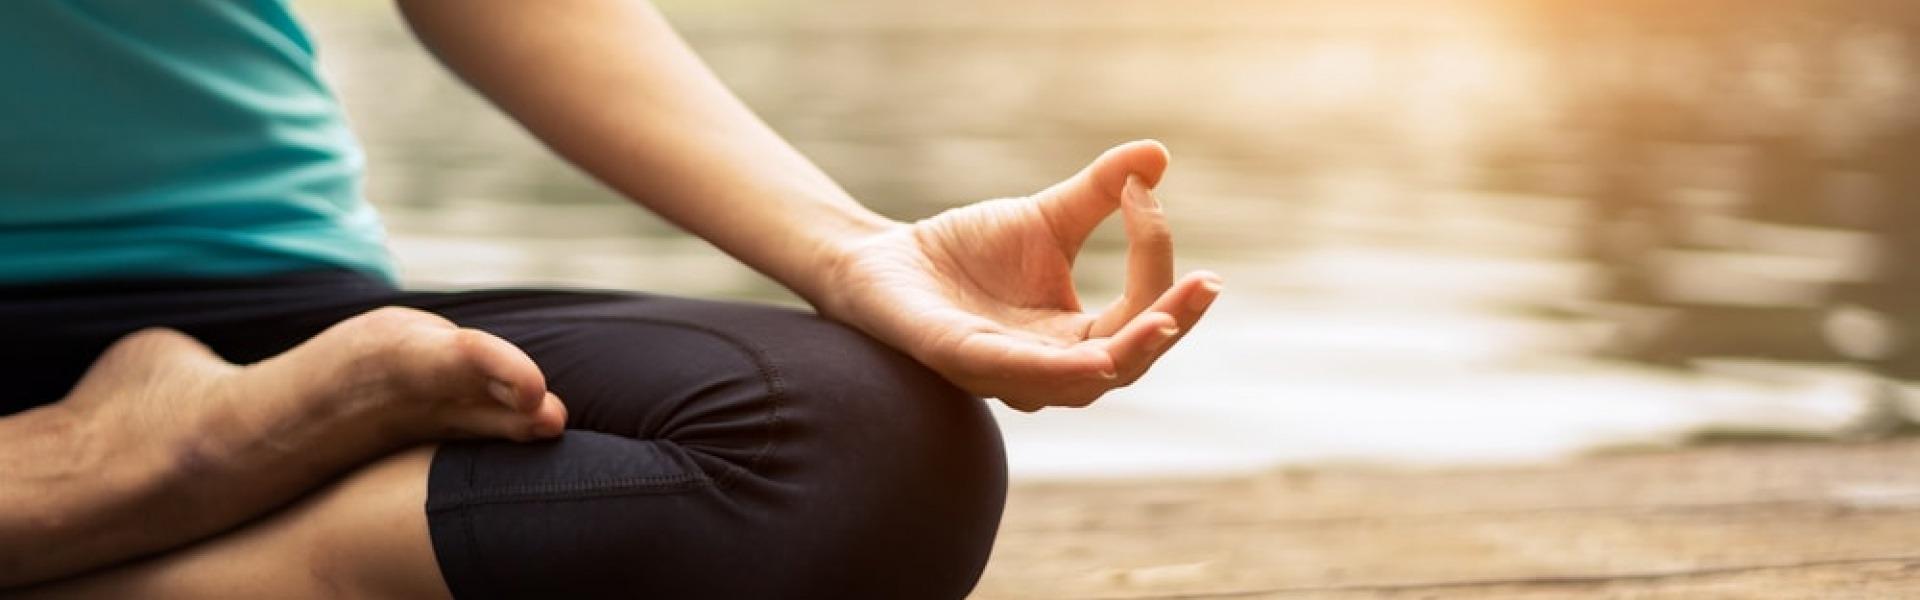 Eine entspannte Frau auf einem Steg meditiert